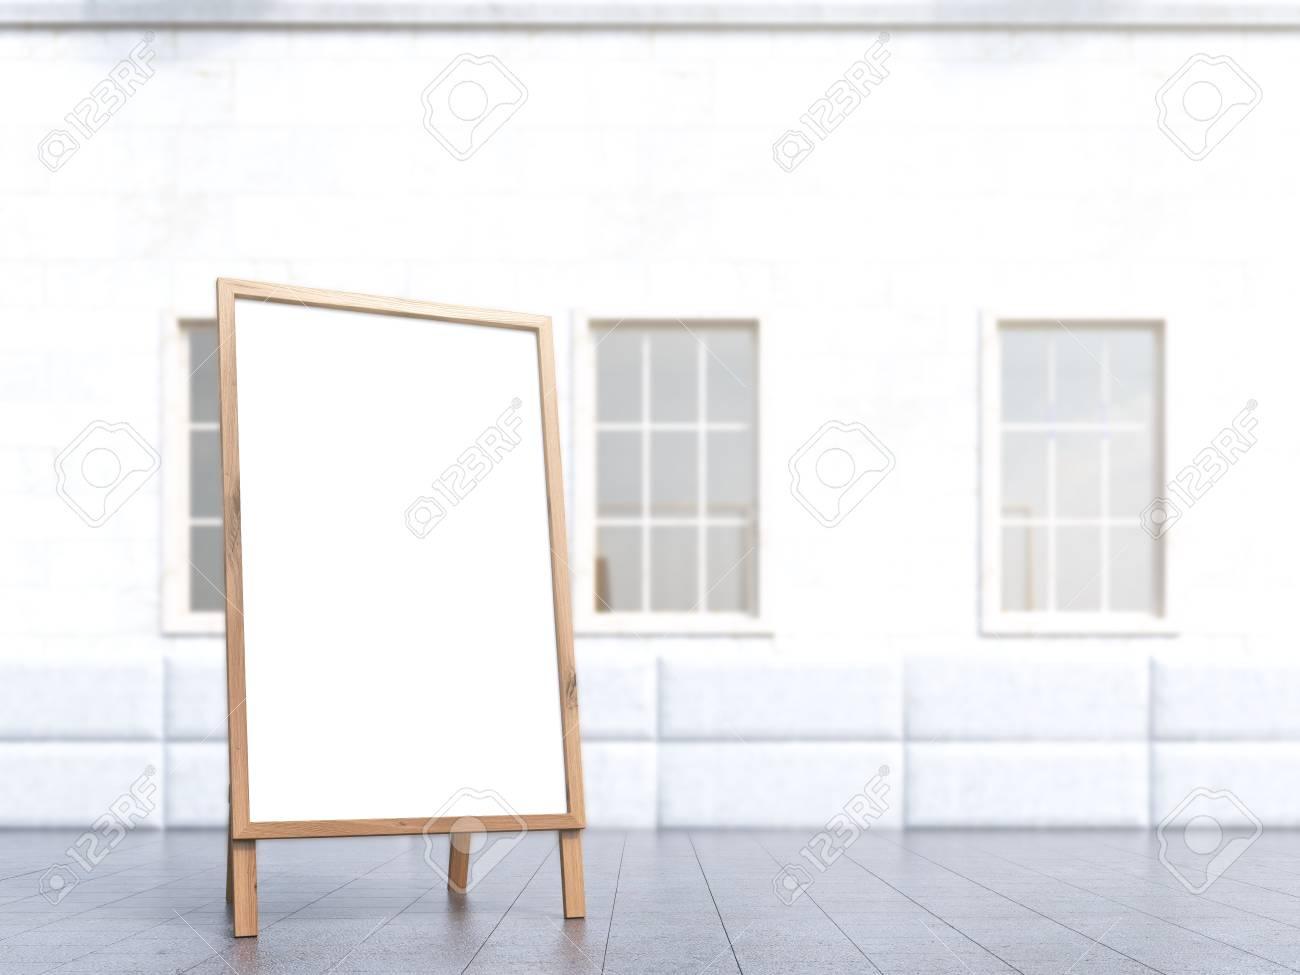 Affiche debout blanche maison à fond concept de publicité maquette rendu 3d